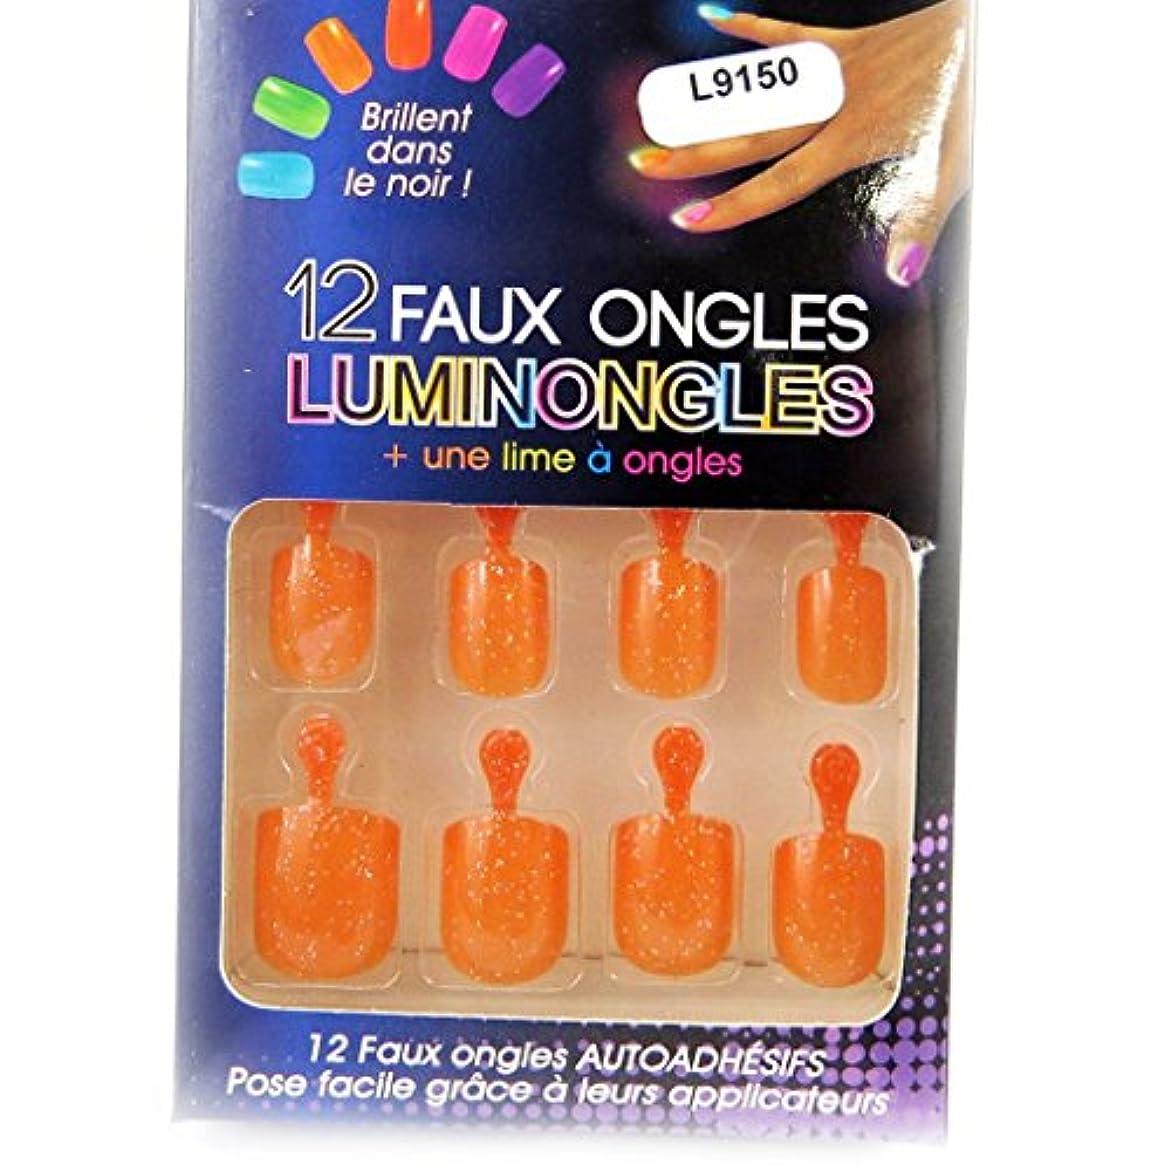 モディッシュ異常な理容師[リリーの宝 (Les Tresors De Lily)] (Luminongles コレクション) [L9150] アクリルスカルプチュア オレンジ